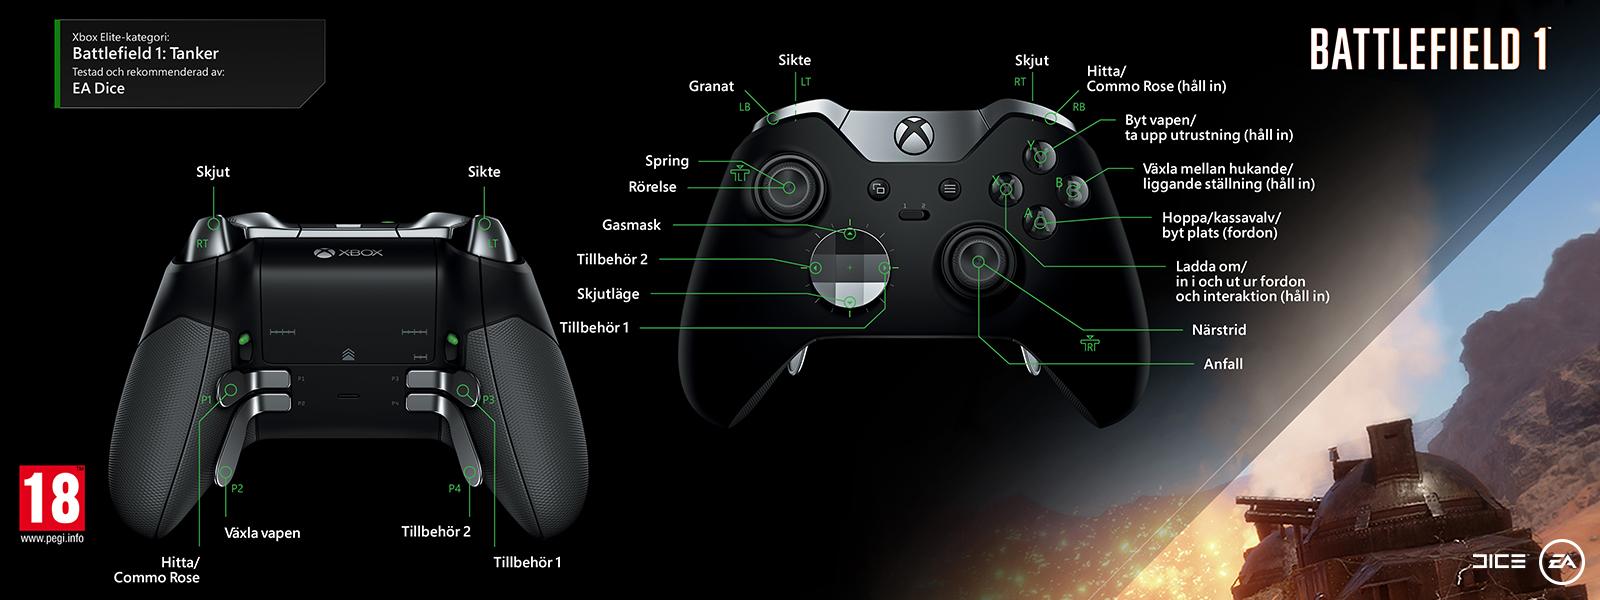 Battlefield 1 – Elite-mappning för stridsvagn